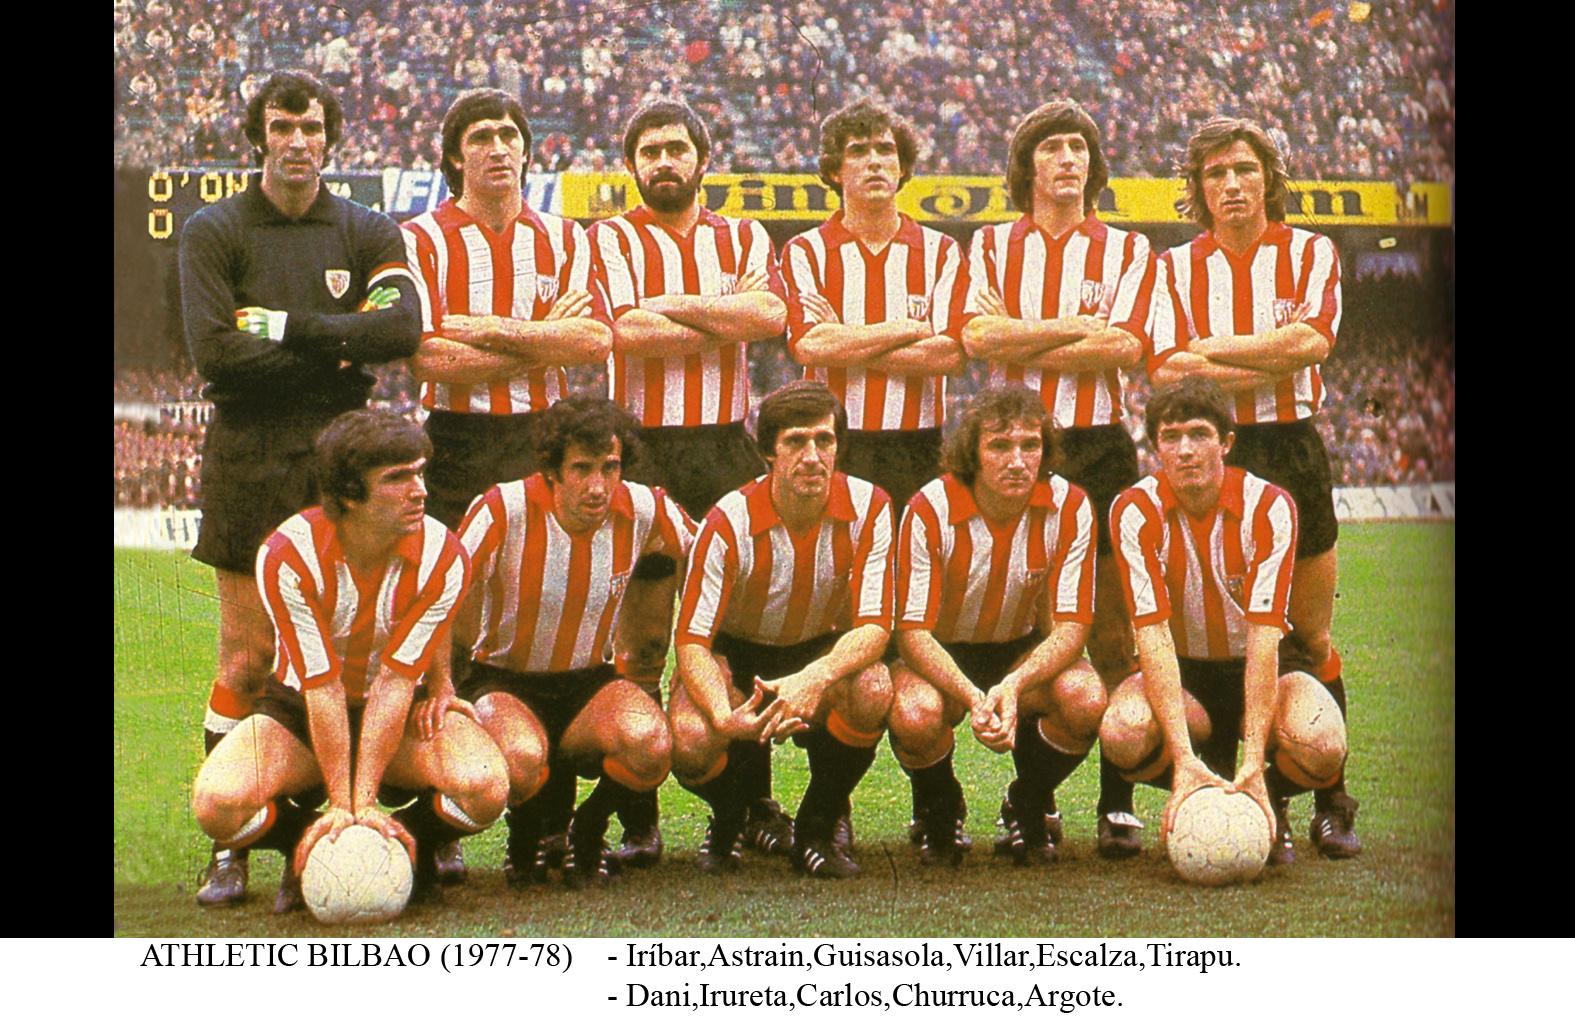 Resultado de imagem para athletic bilbao stadium 1977